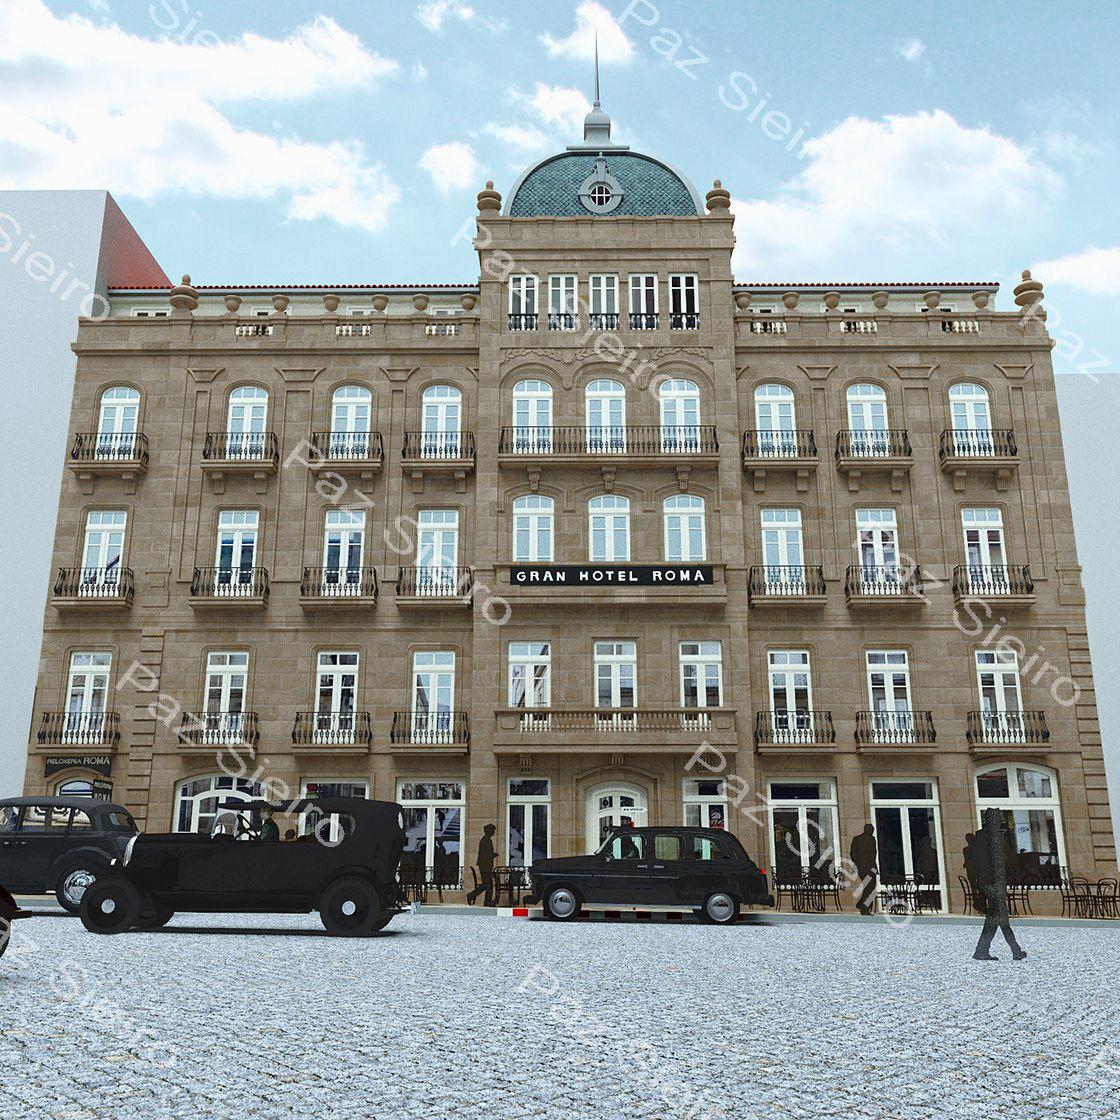 Gran hotel roma 1914 r a do progreso ourense - Arquitectos ourense ...